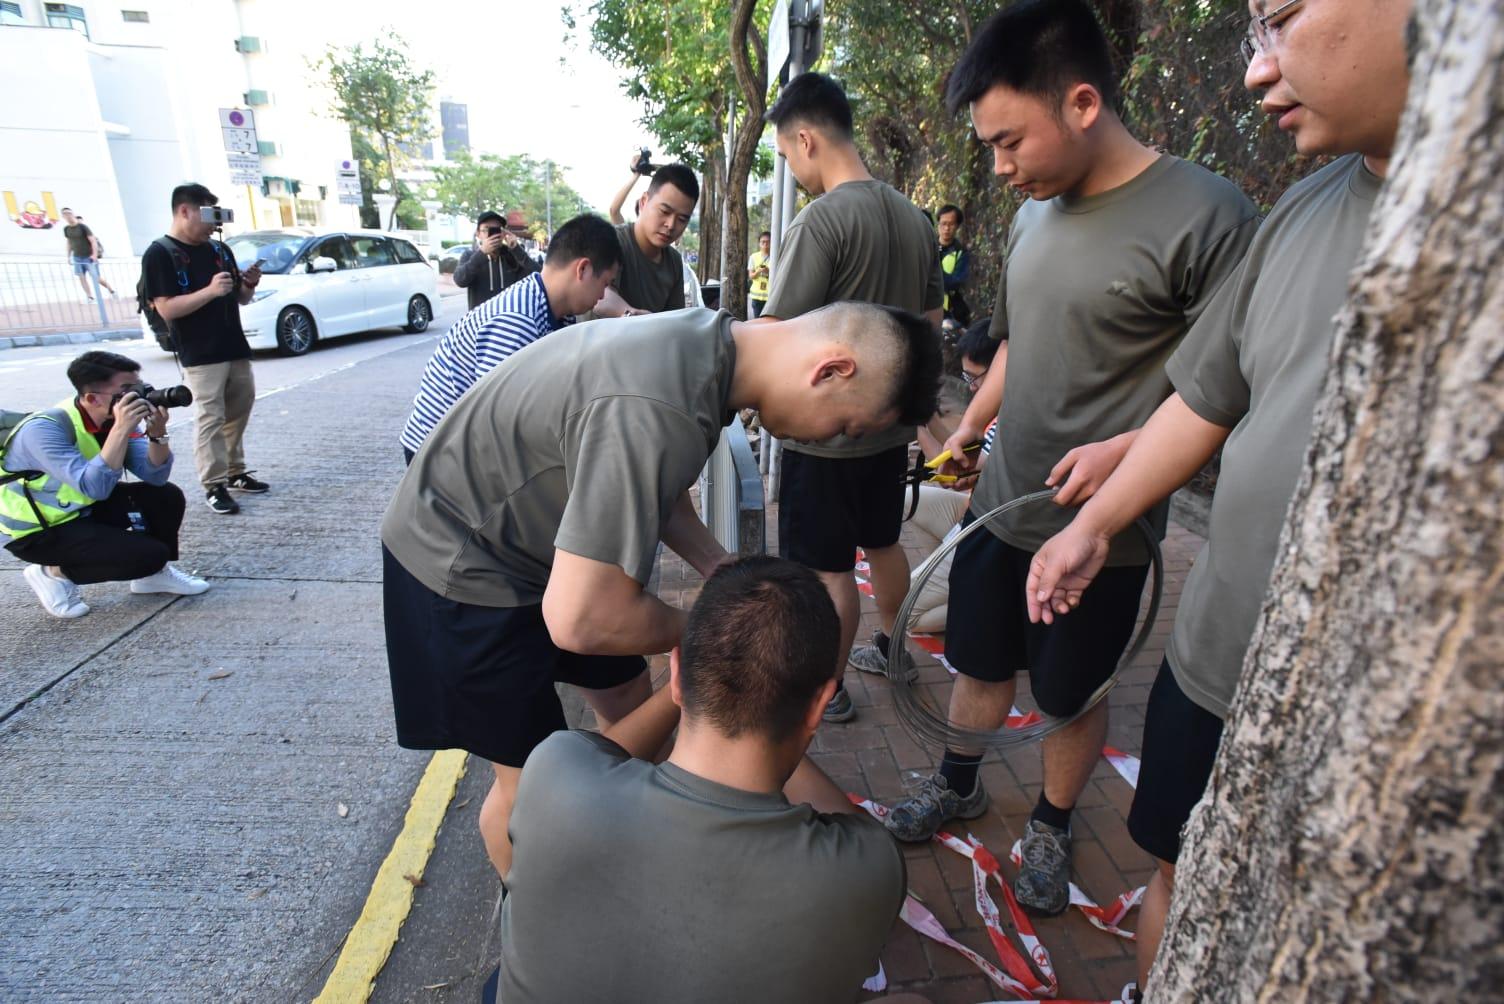 【大三罷】解放軍步出軍營 浸大外協助清理路障